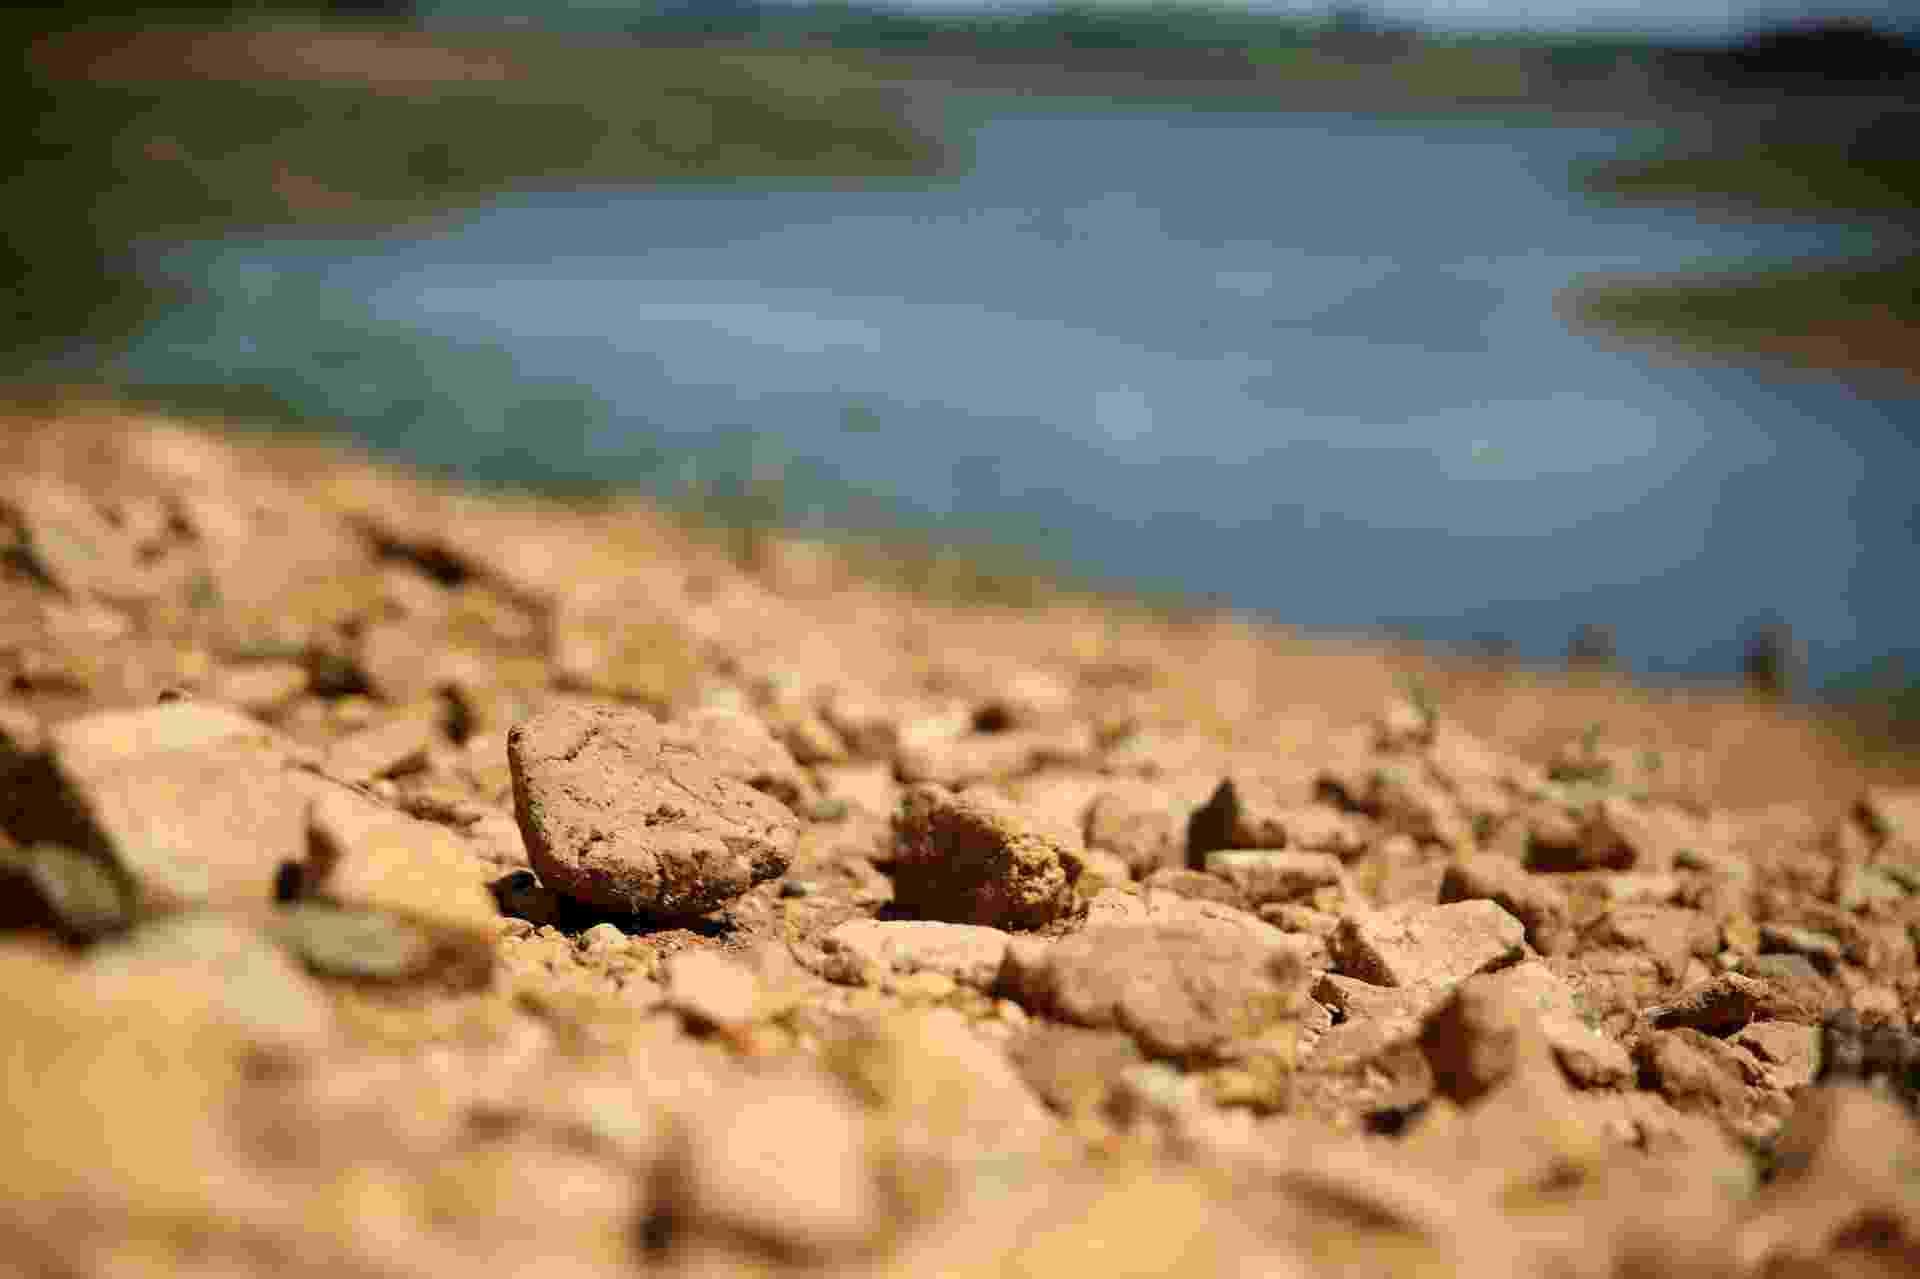 15.dez.2015 - Pedras são vistas nas margens secas da represa Jaguari/Jacareí, na cidade de Vargem (SP). Os reservatórios do Sistema Cantareira completaram 50 dias sem sofrer nenhuma queda, mas continuam no volume morto, segundo relatório da Sabesp. Responsável por abastecer 5,2 milhões de pessoas, o Cantareira opera com 24,7% da capacidade, consideradas as duas cotas do volume morto como se fossem volume útil - Luis Moura/Wpp/Estadão Conteúdo